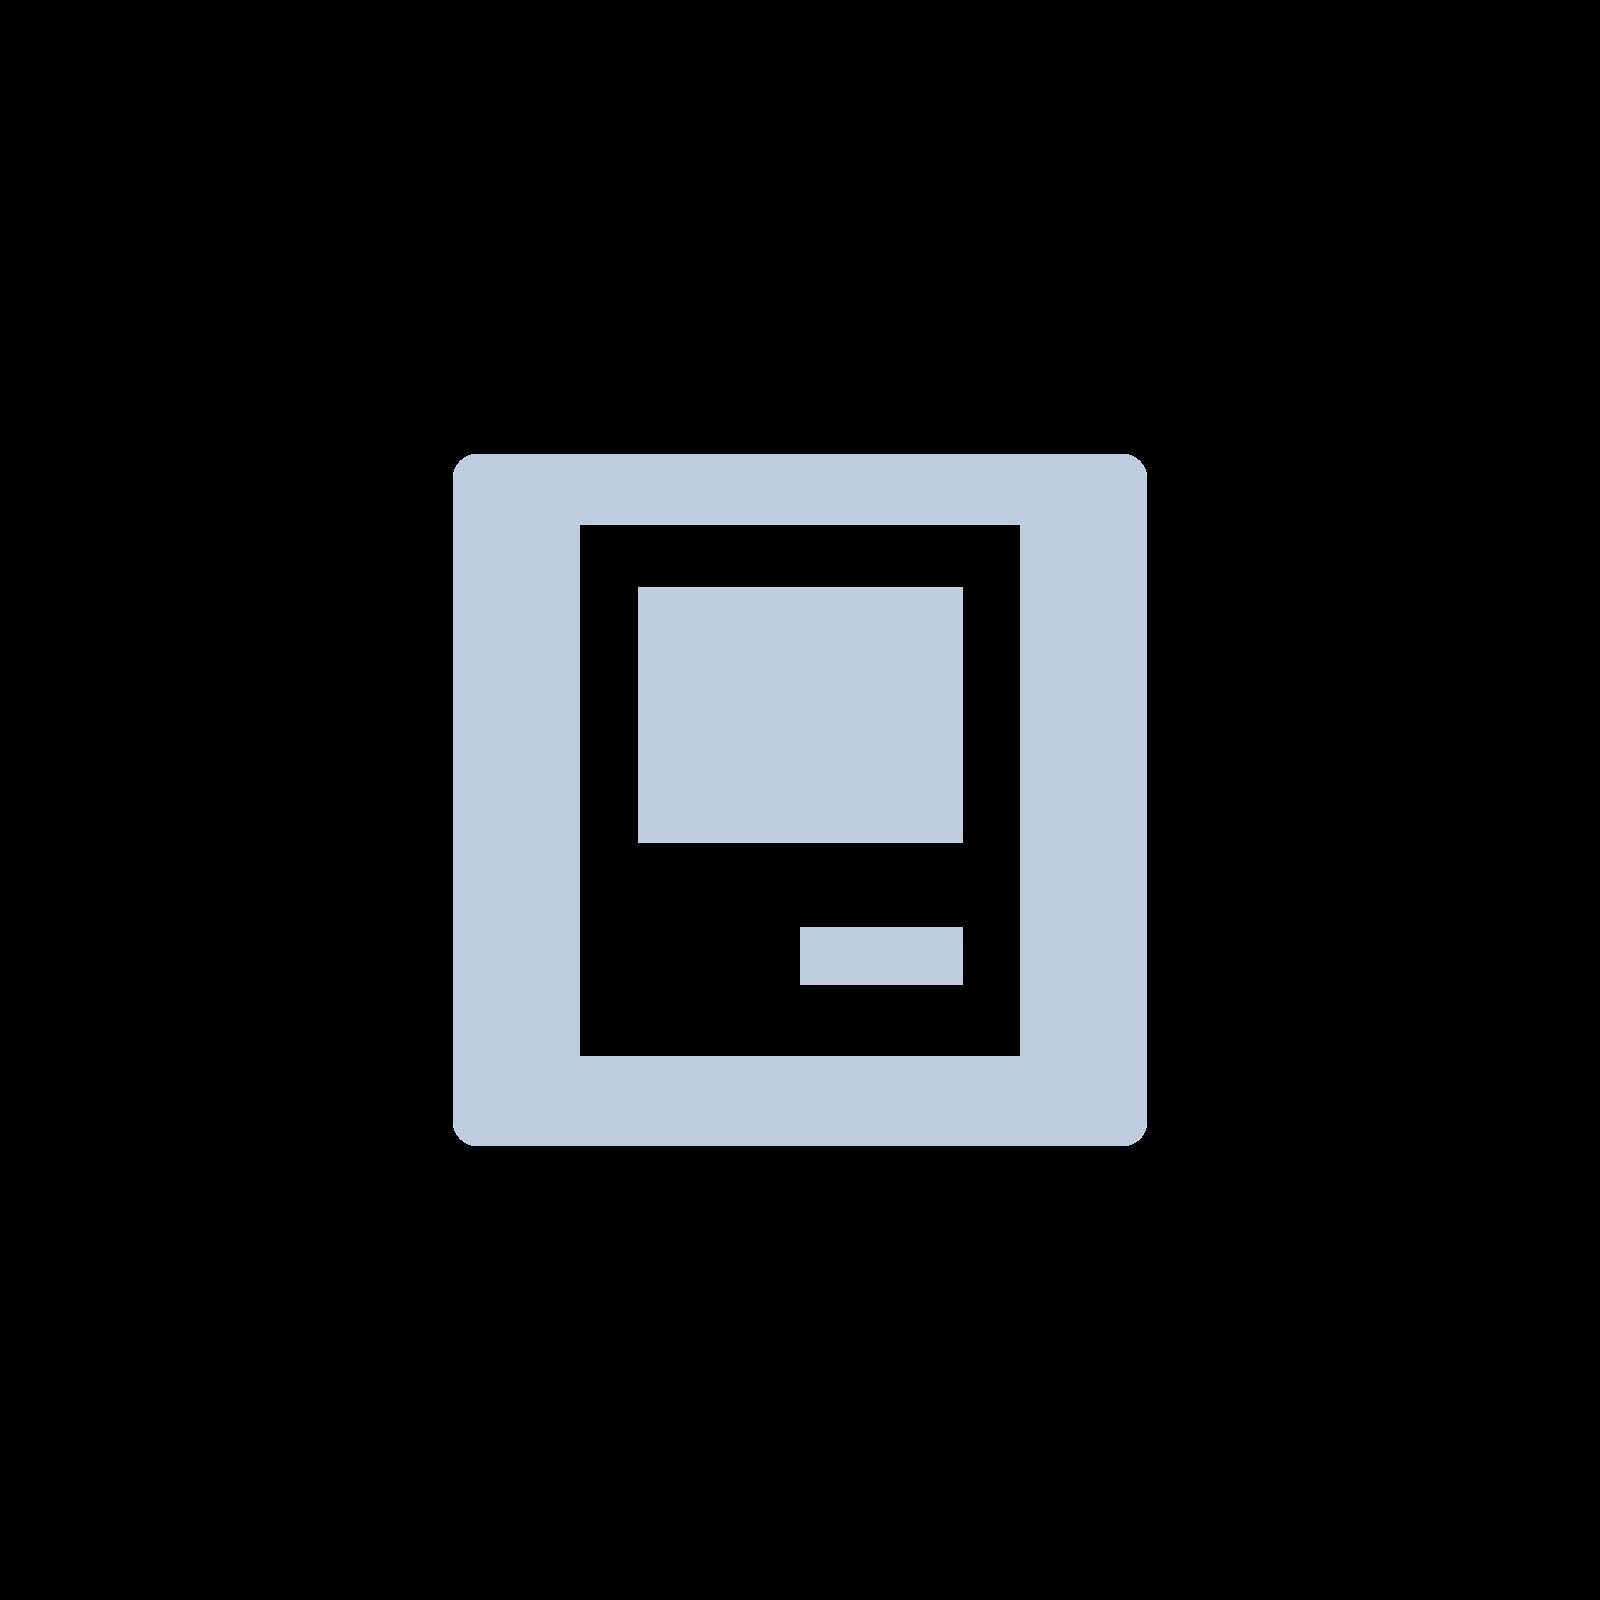 Mac mini Core i5 2.3 GHz (Macmini5,1, 500GB, 2GB)